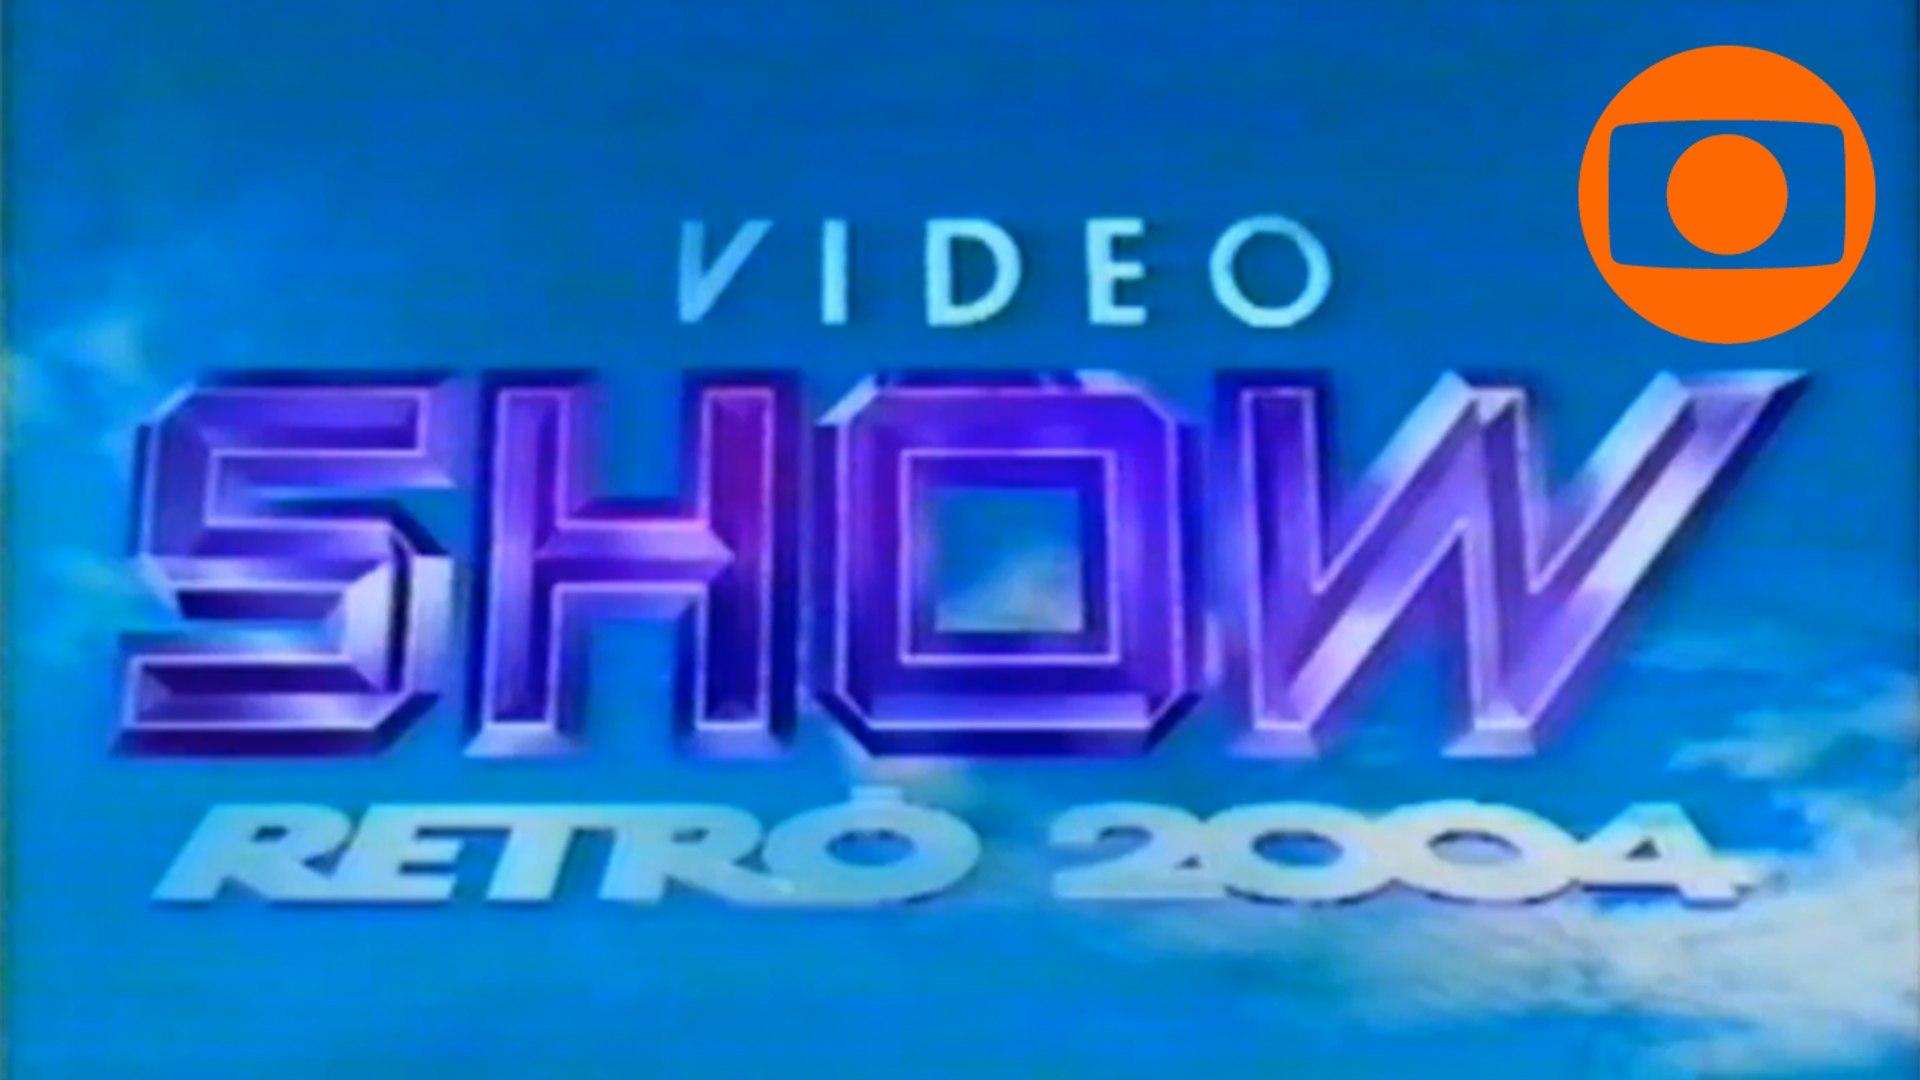 Vídeo Show Retrô 2004 – Completo (28/12/2004)